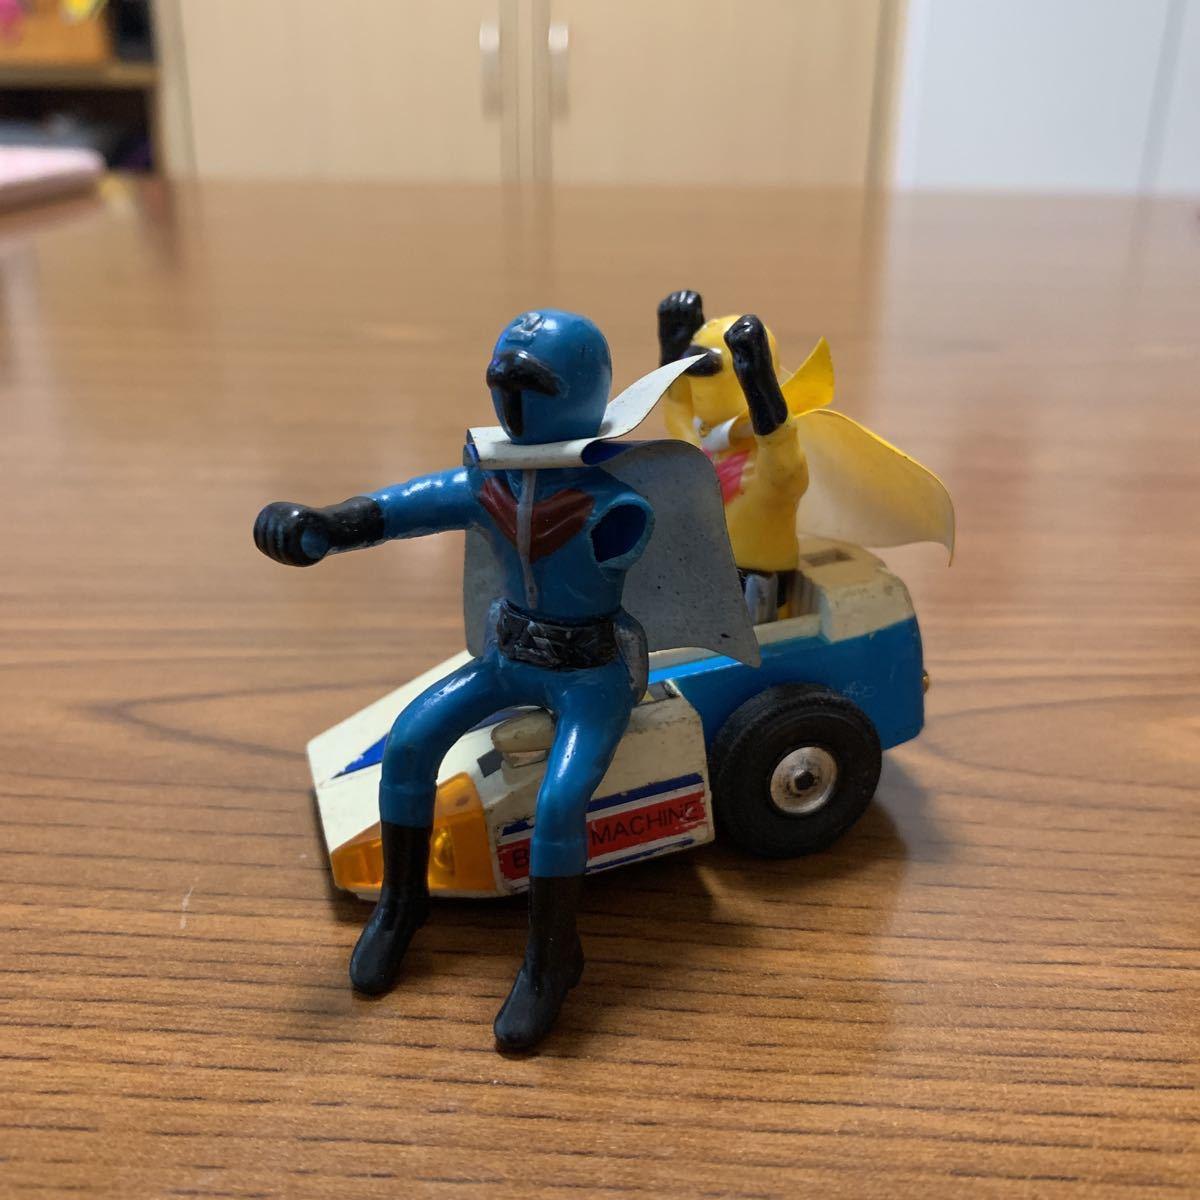 当時物 秘密戦隊ゴレンジャーのアオレンジャーとキレンジャー 超合金ポピー バイク無しサイドだけジャンク品